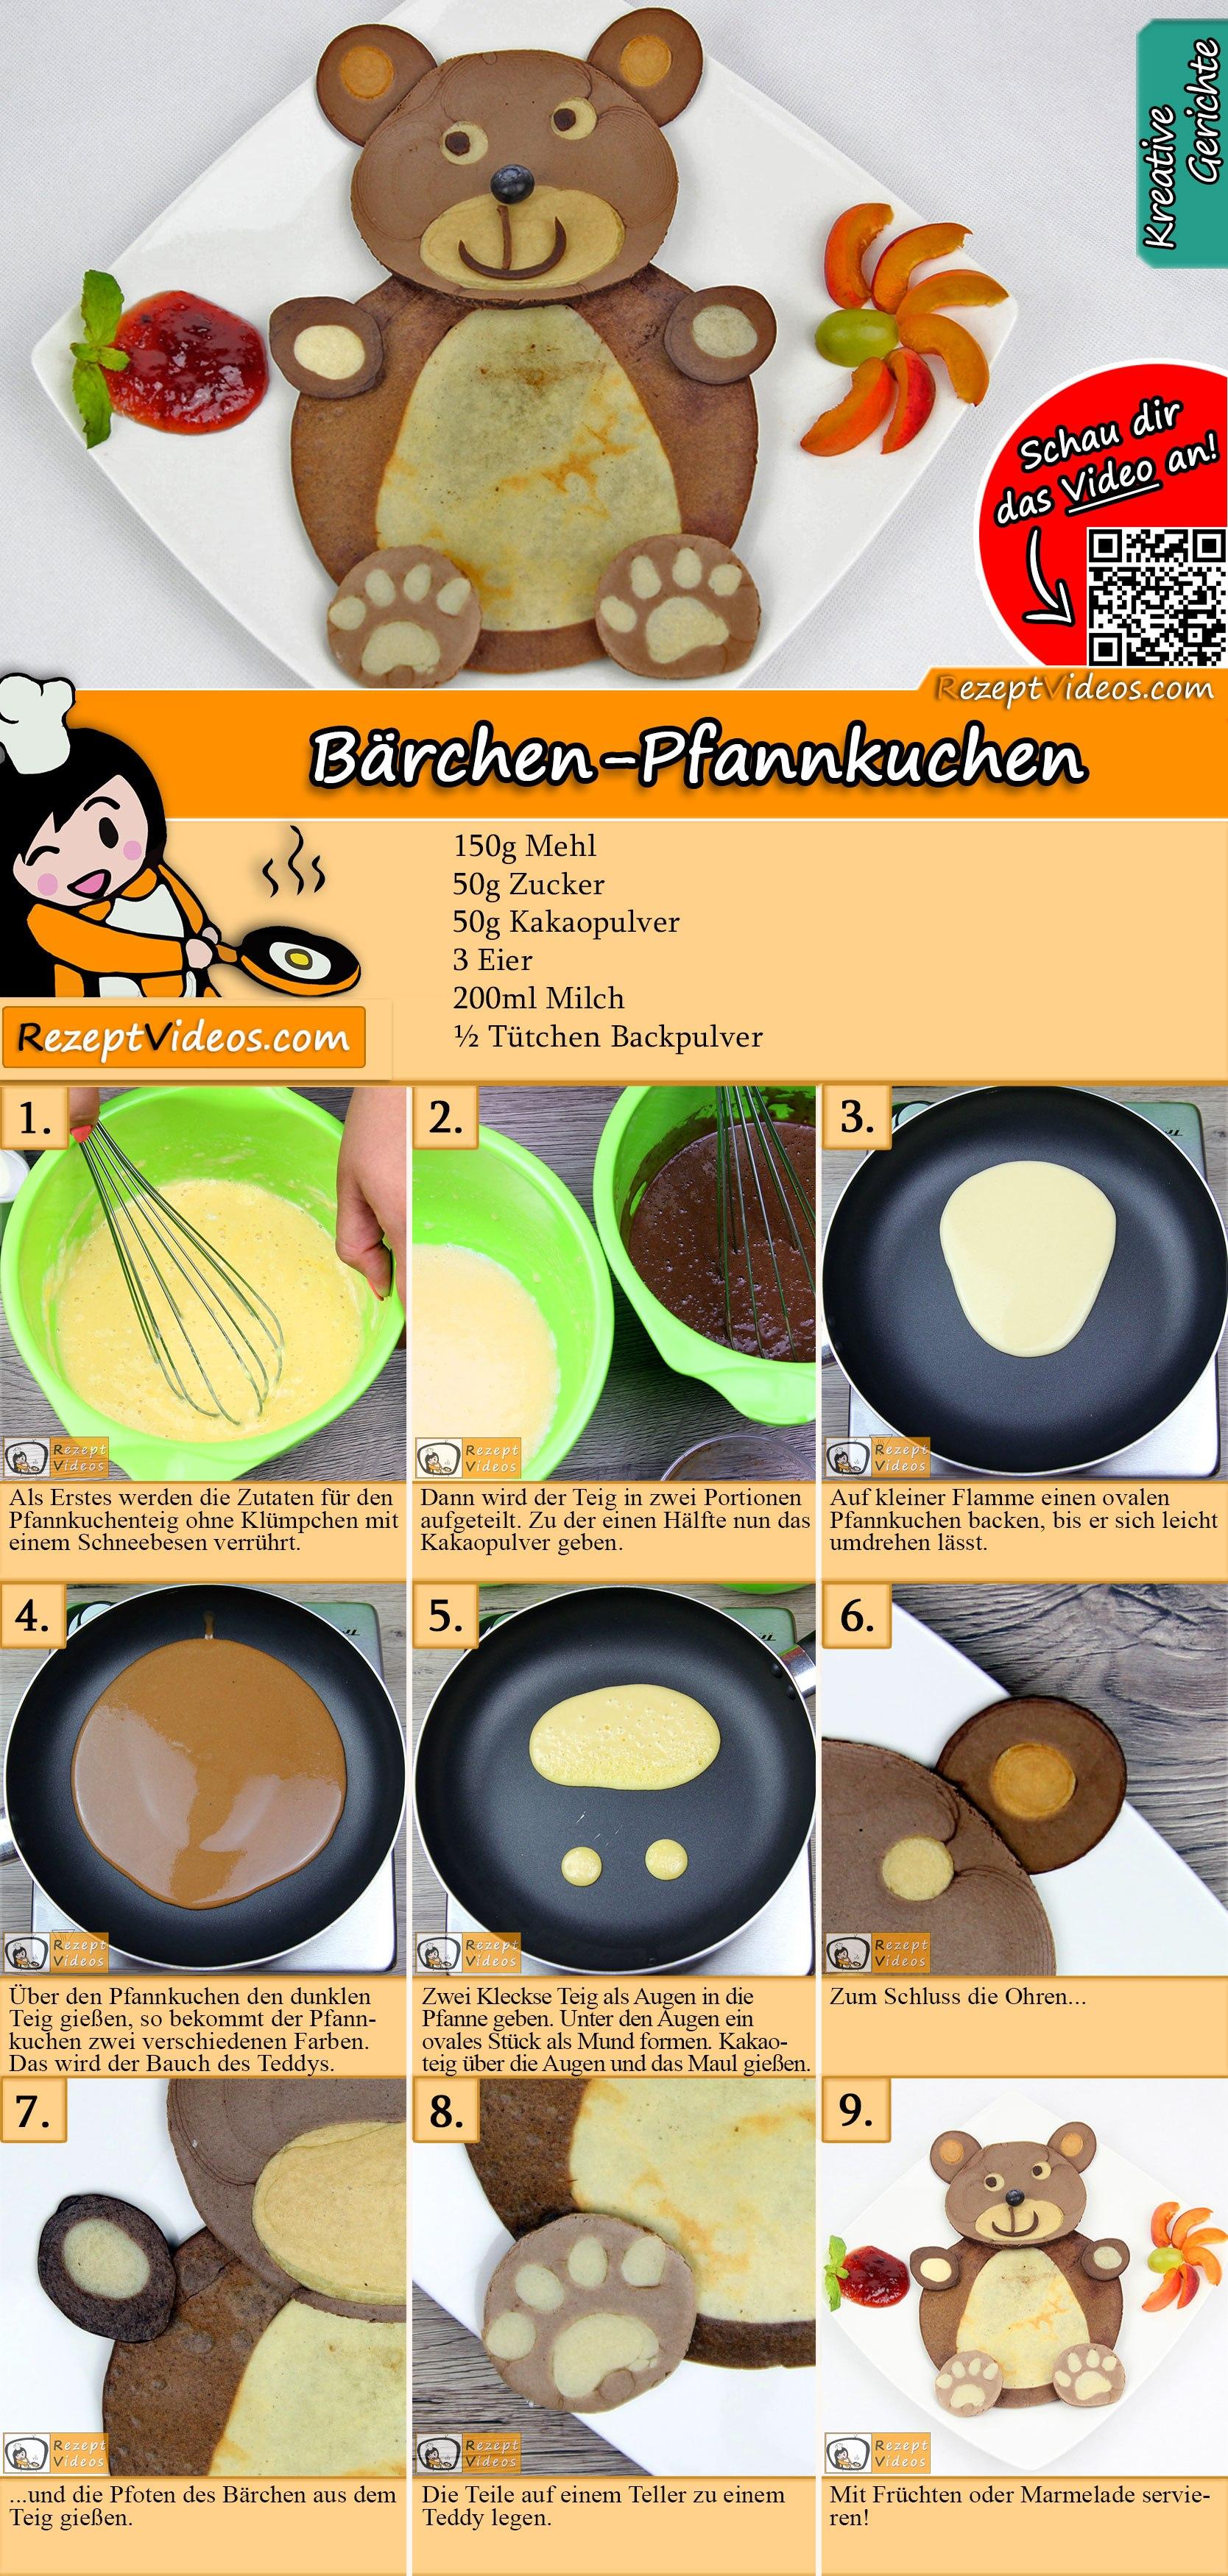 Bärchen-Pfannkuchen Rezept mit Video